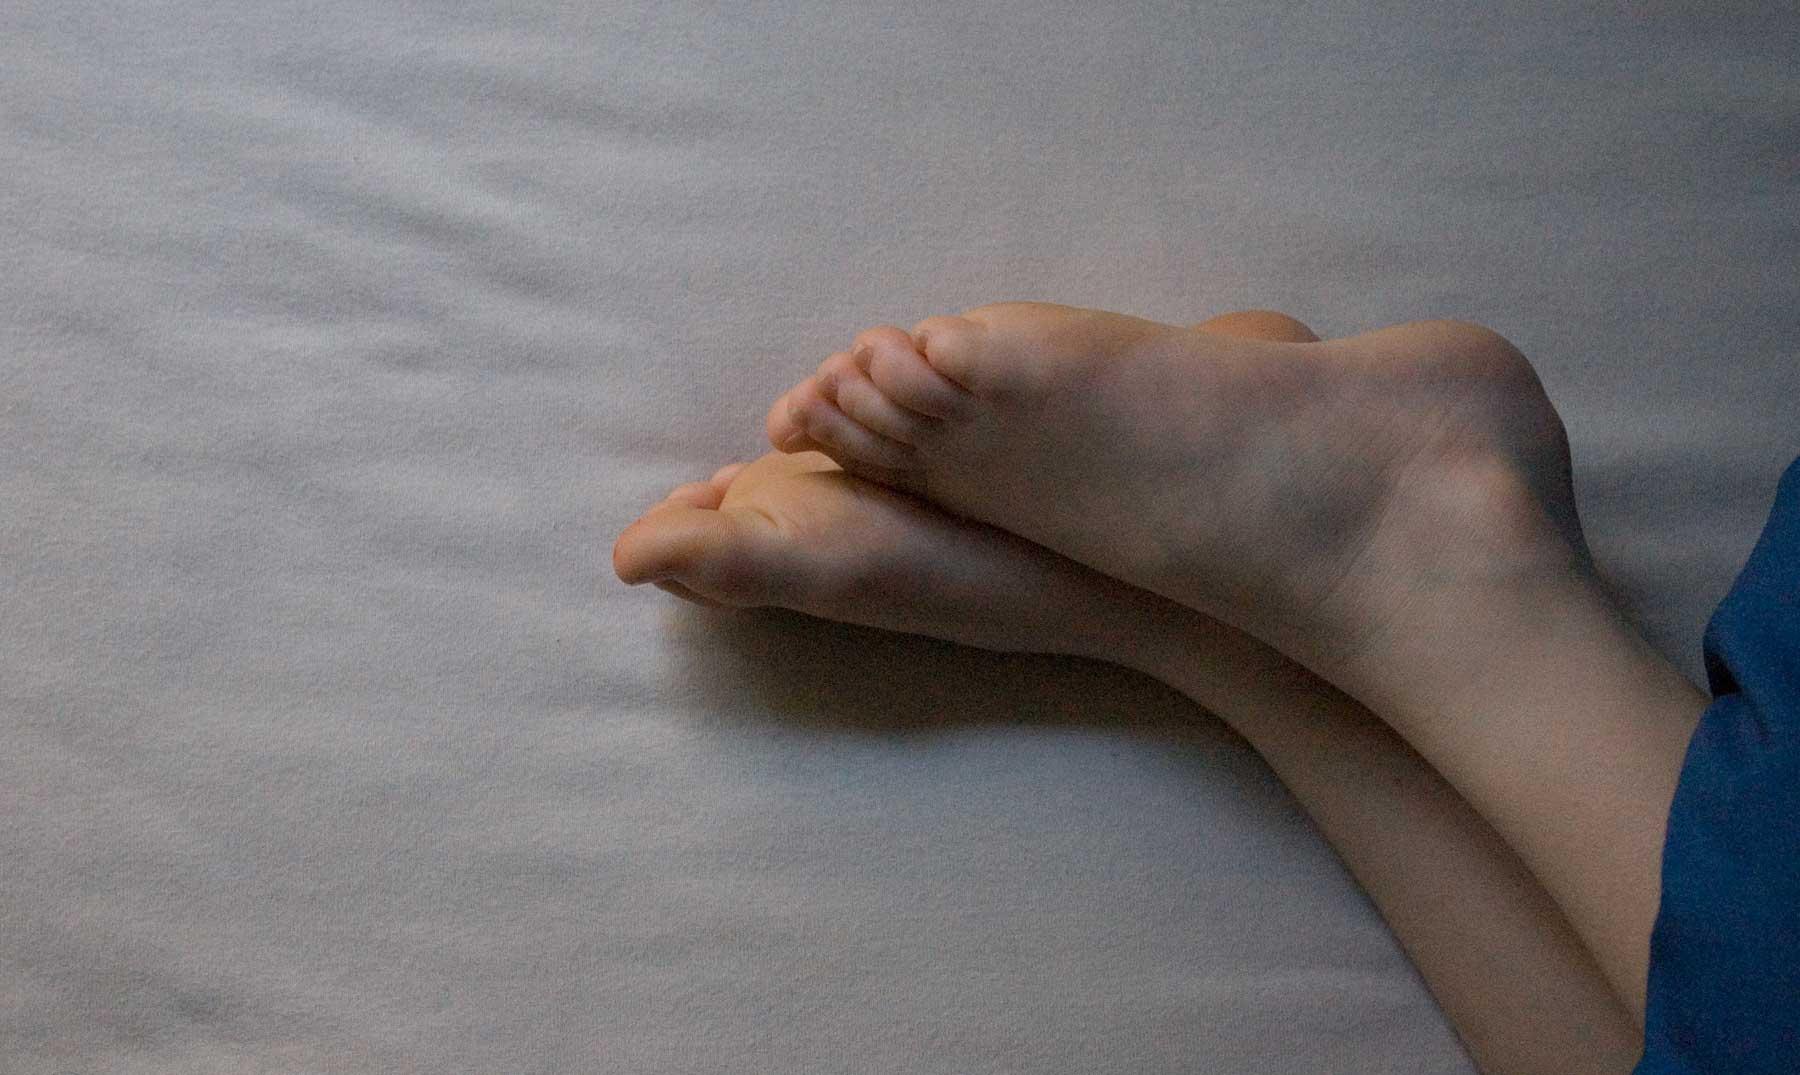 Sacar un pie fuera de la manta, nos ayuda a dormir